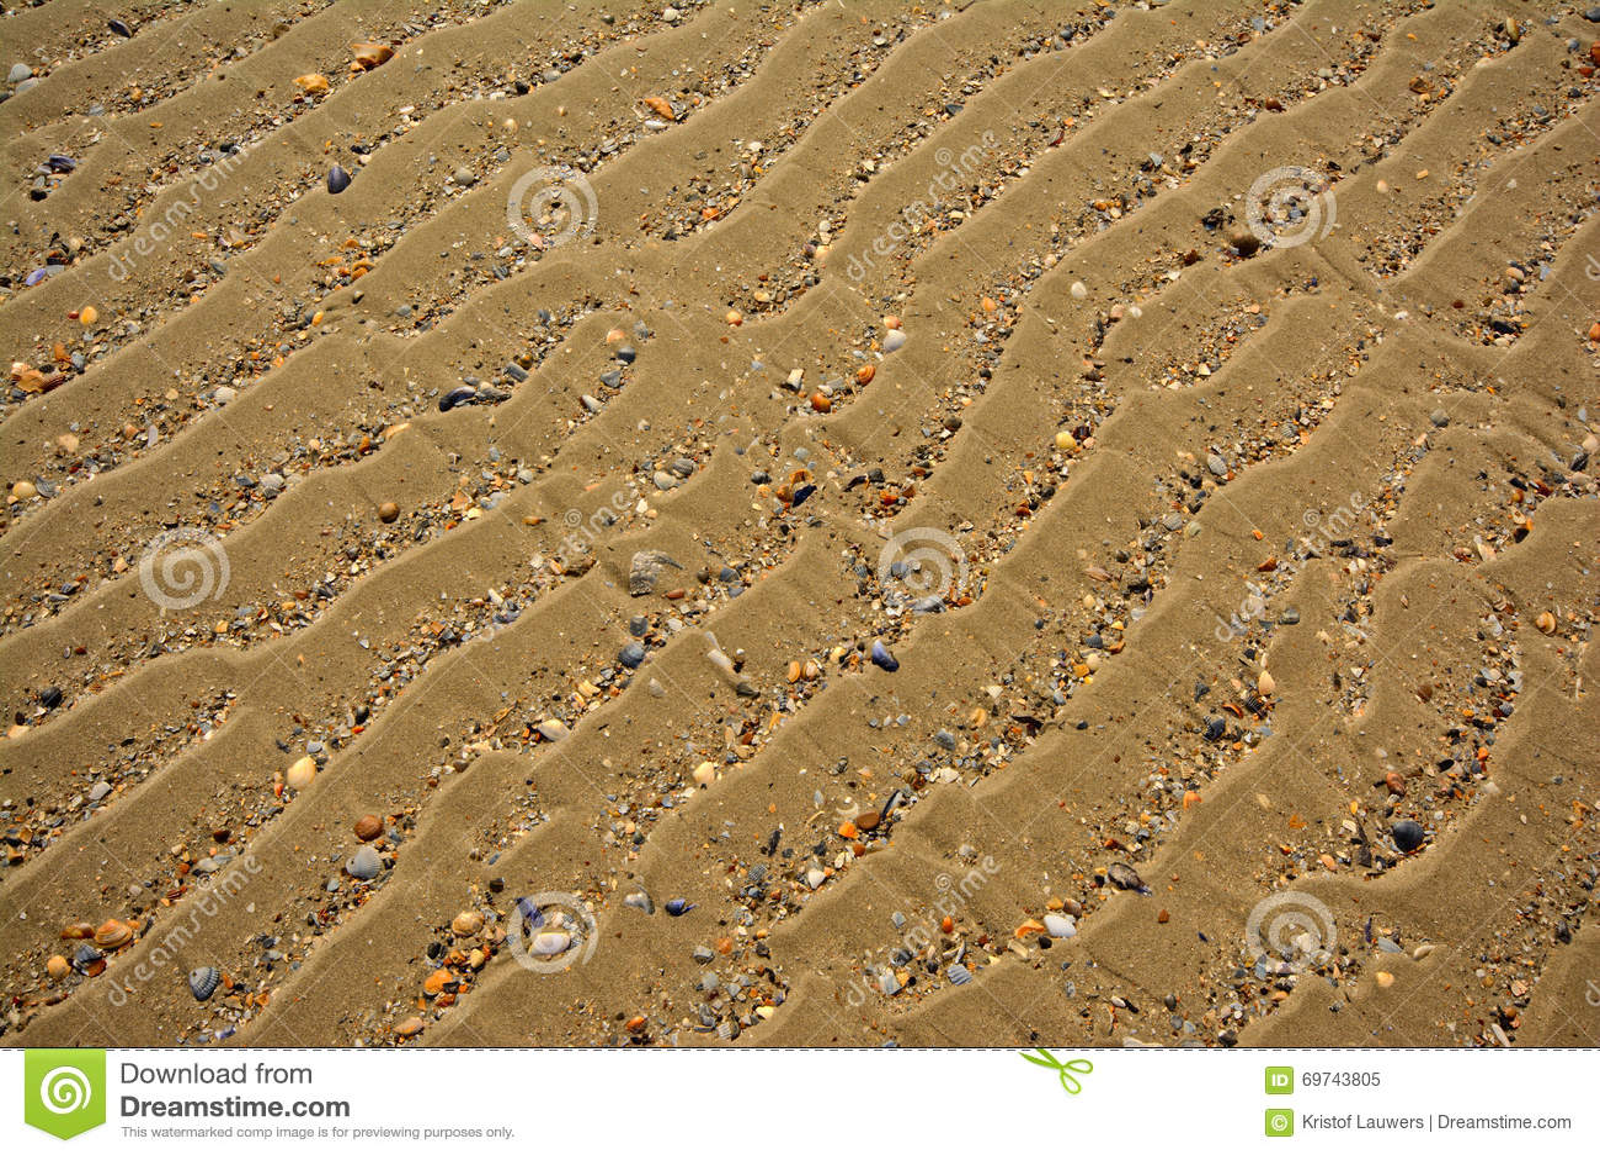 Hintergrund des gewellten Sandes mit defekten Oberteilen, diagonaler Winkel